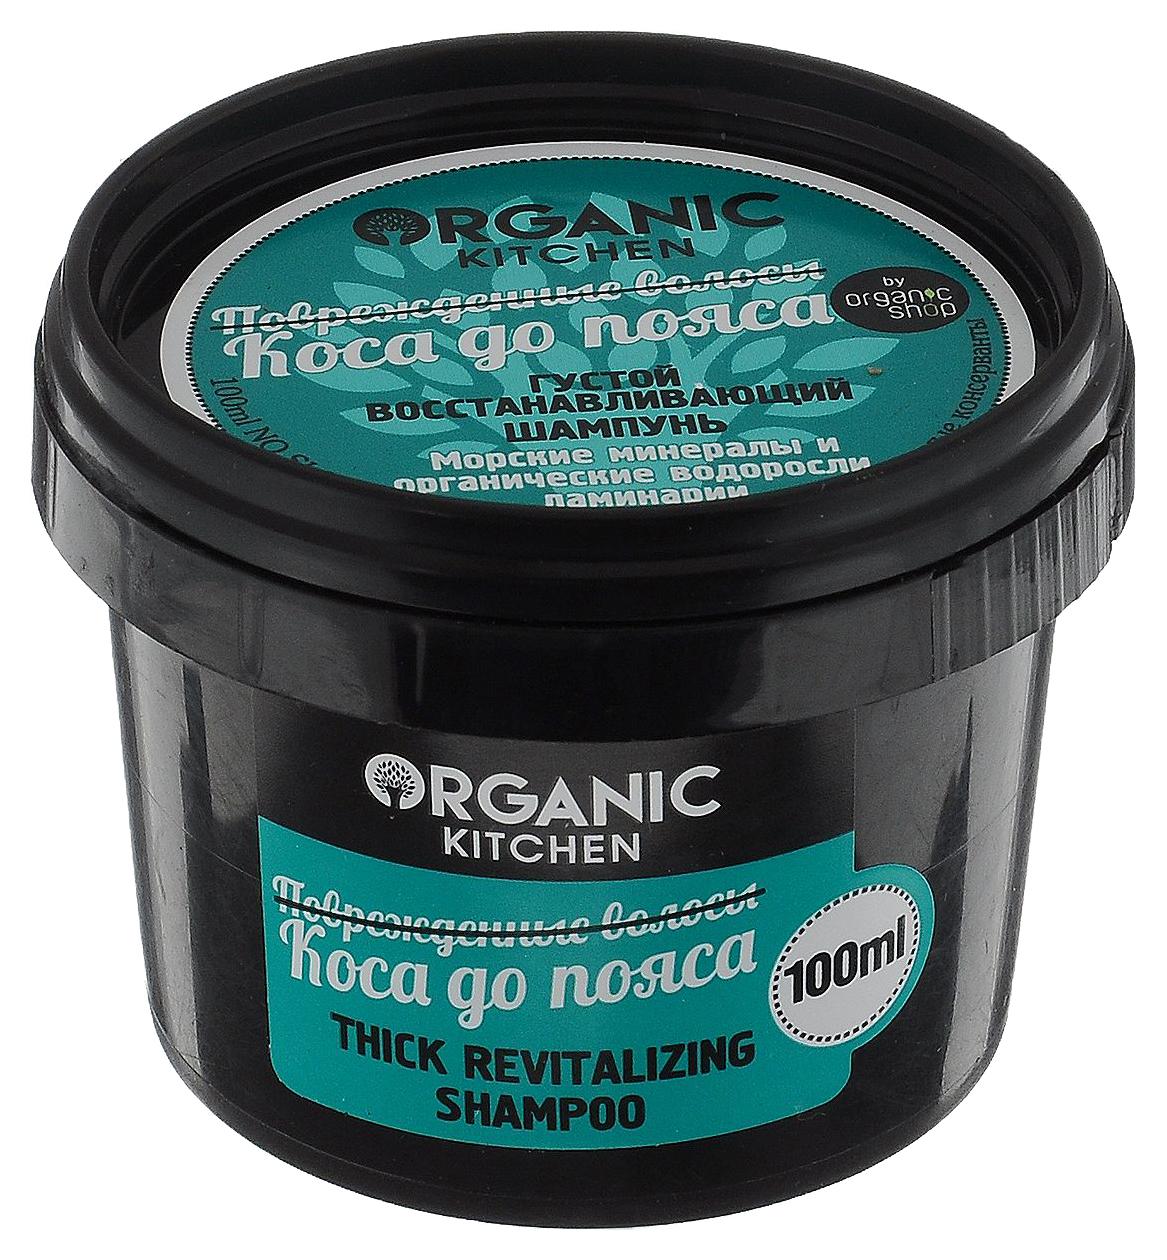 Шампунь Organic Shop Густой восстанавливающий Коса до пояса 100 мл